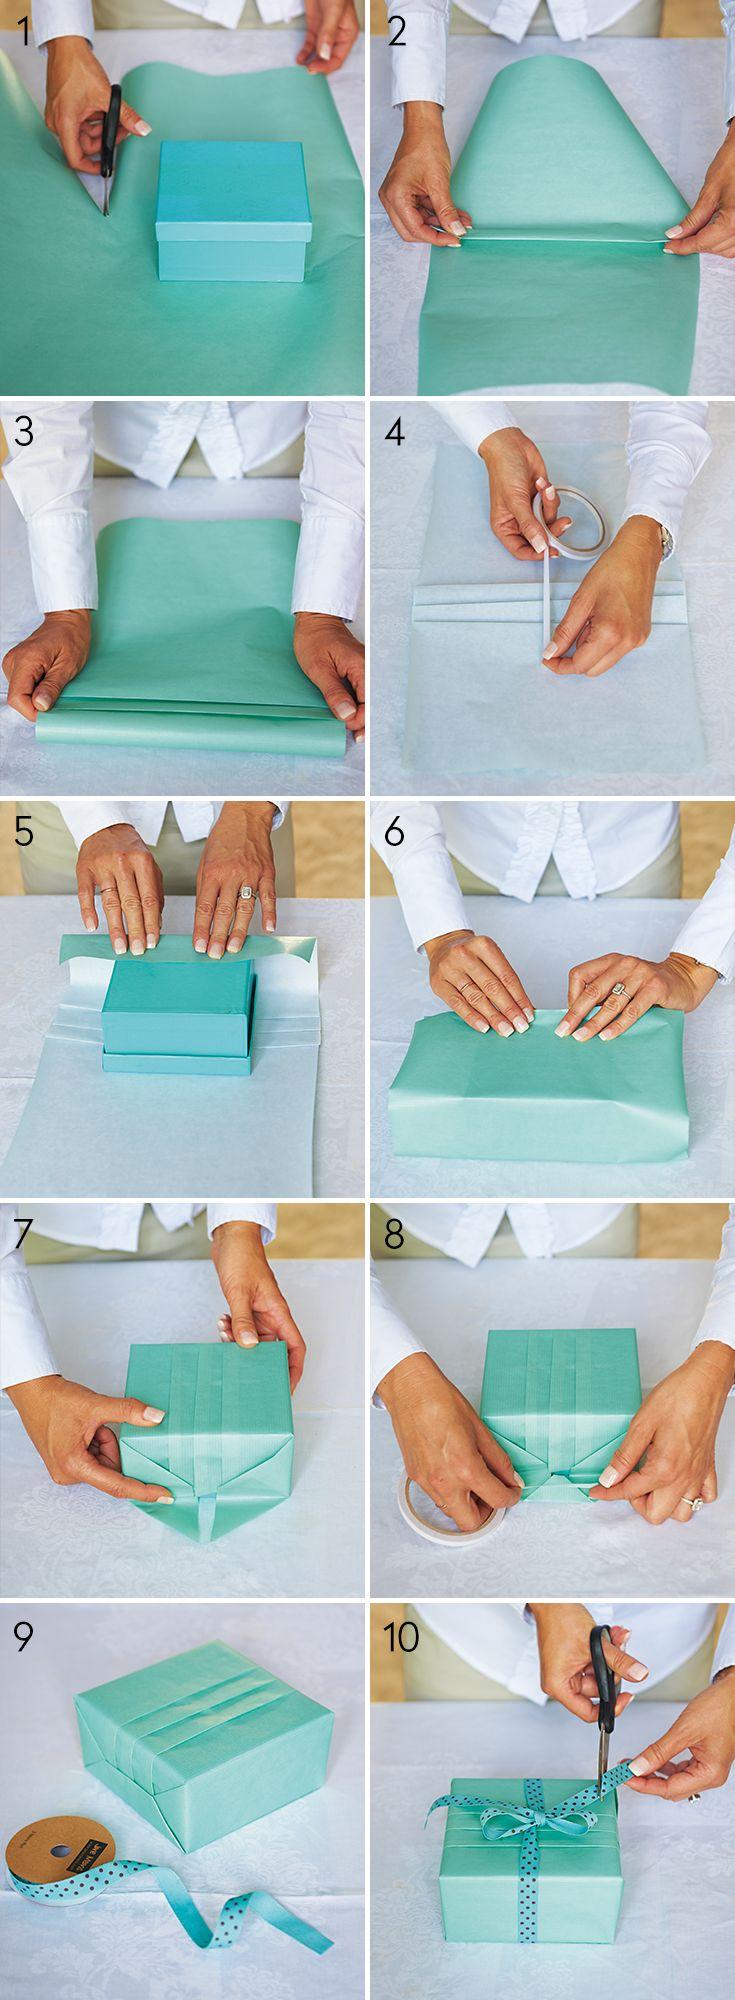 Как правильно завернуть в бумагу подарок 78